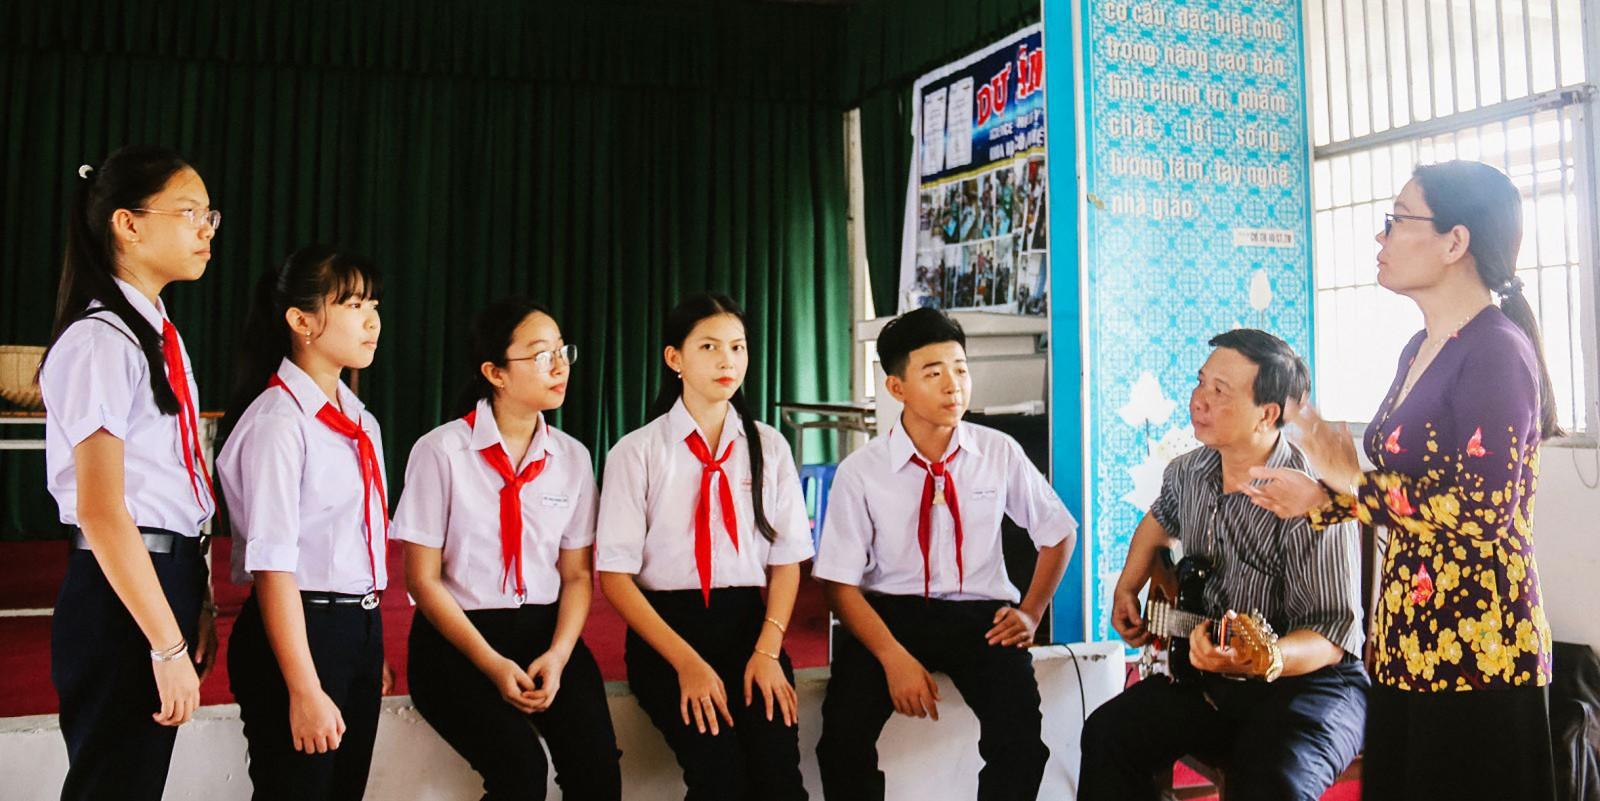 """NNƯT Kiều Nga và NNƯT Hoàng Lưỡng tập luyện cho các em học sinh trước khi ghi hình """"Tài tử miền sông nước""""."""